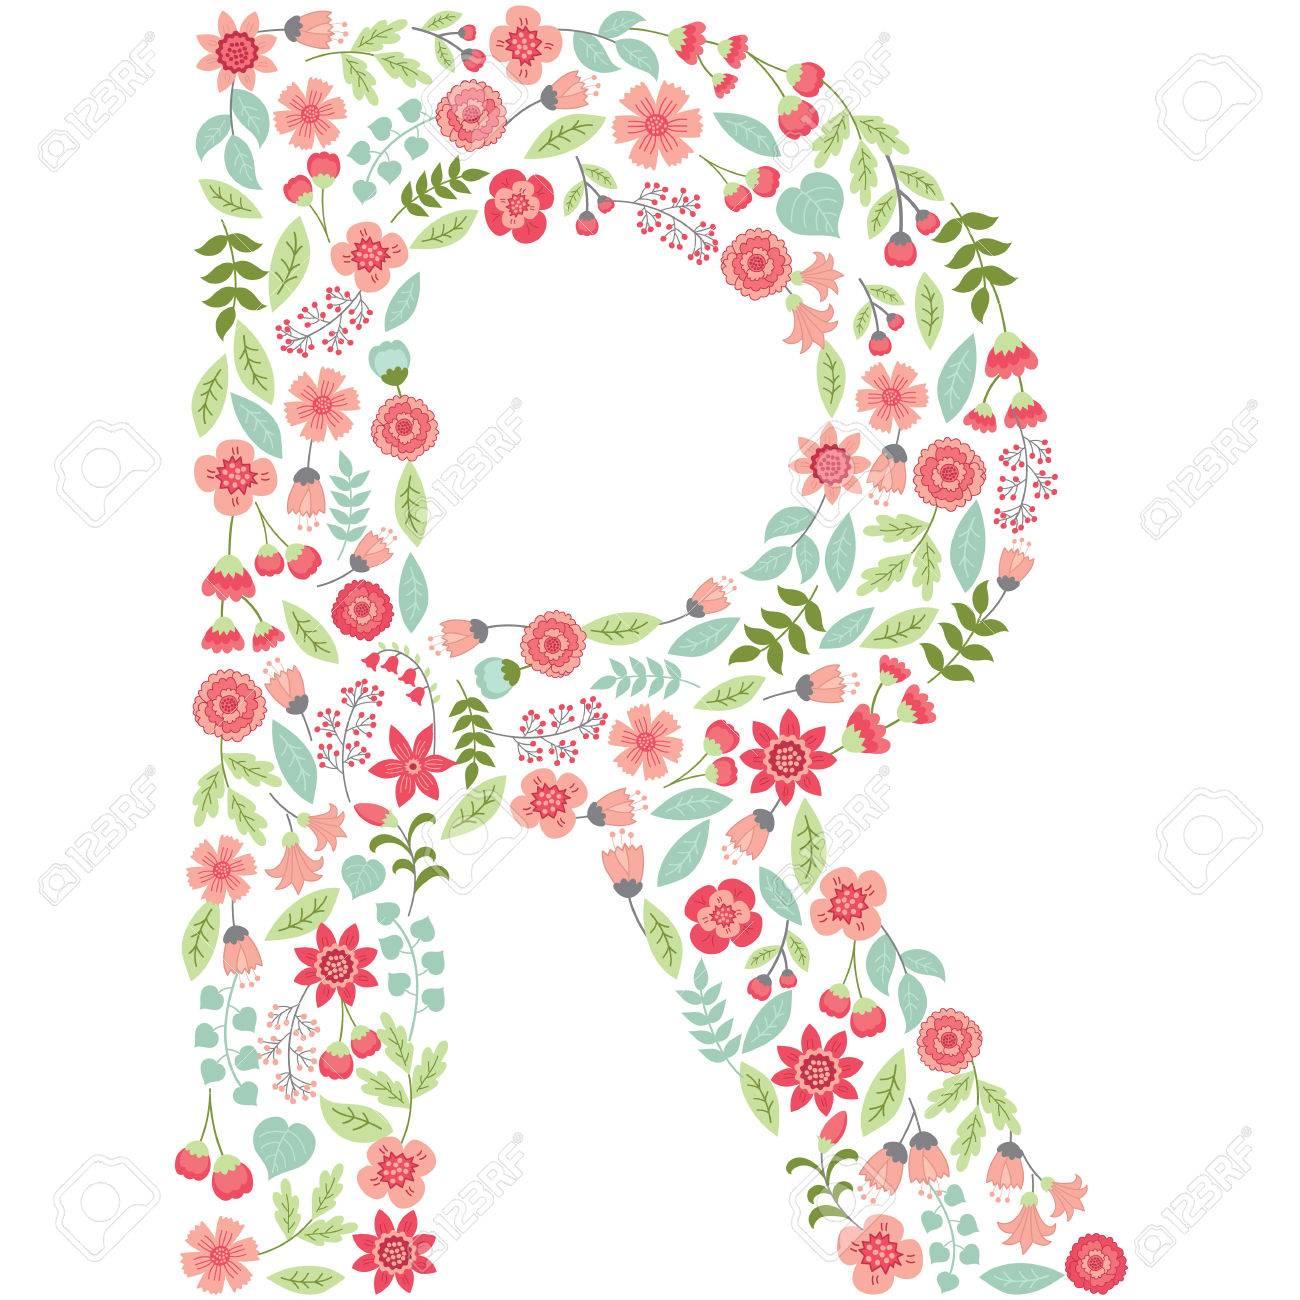 La Letra Mayúscula R Está Hecha De Elementos Florales - Flores ...